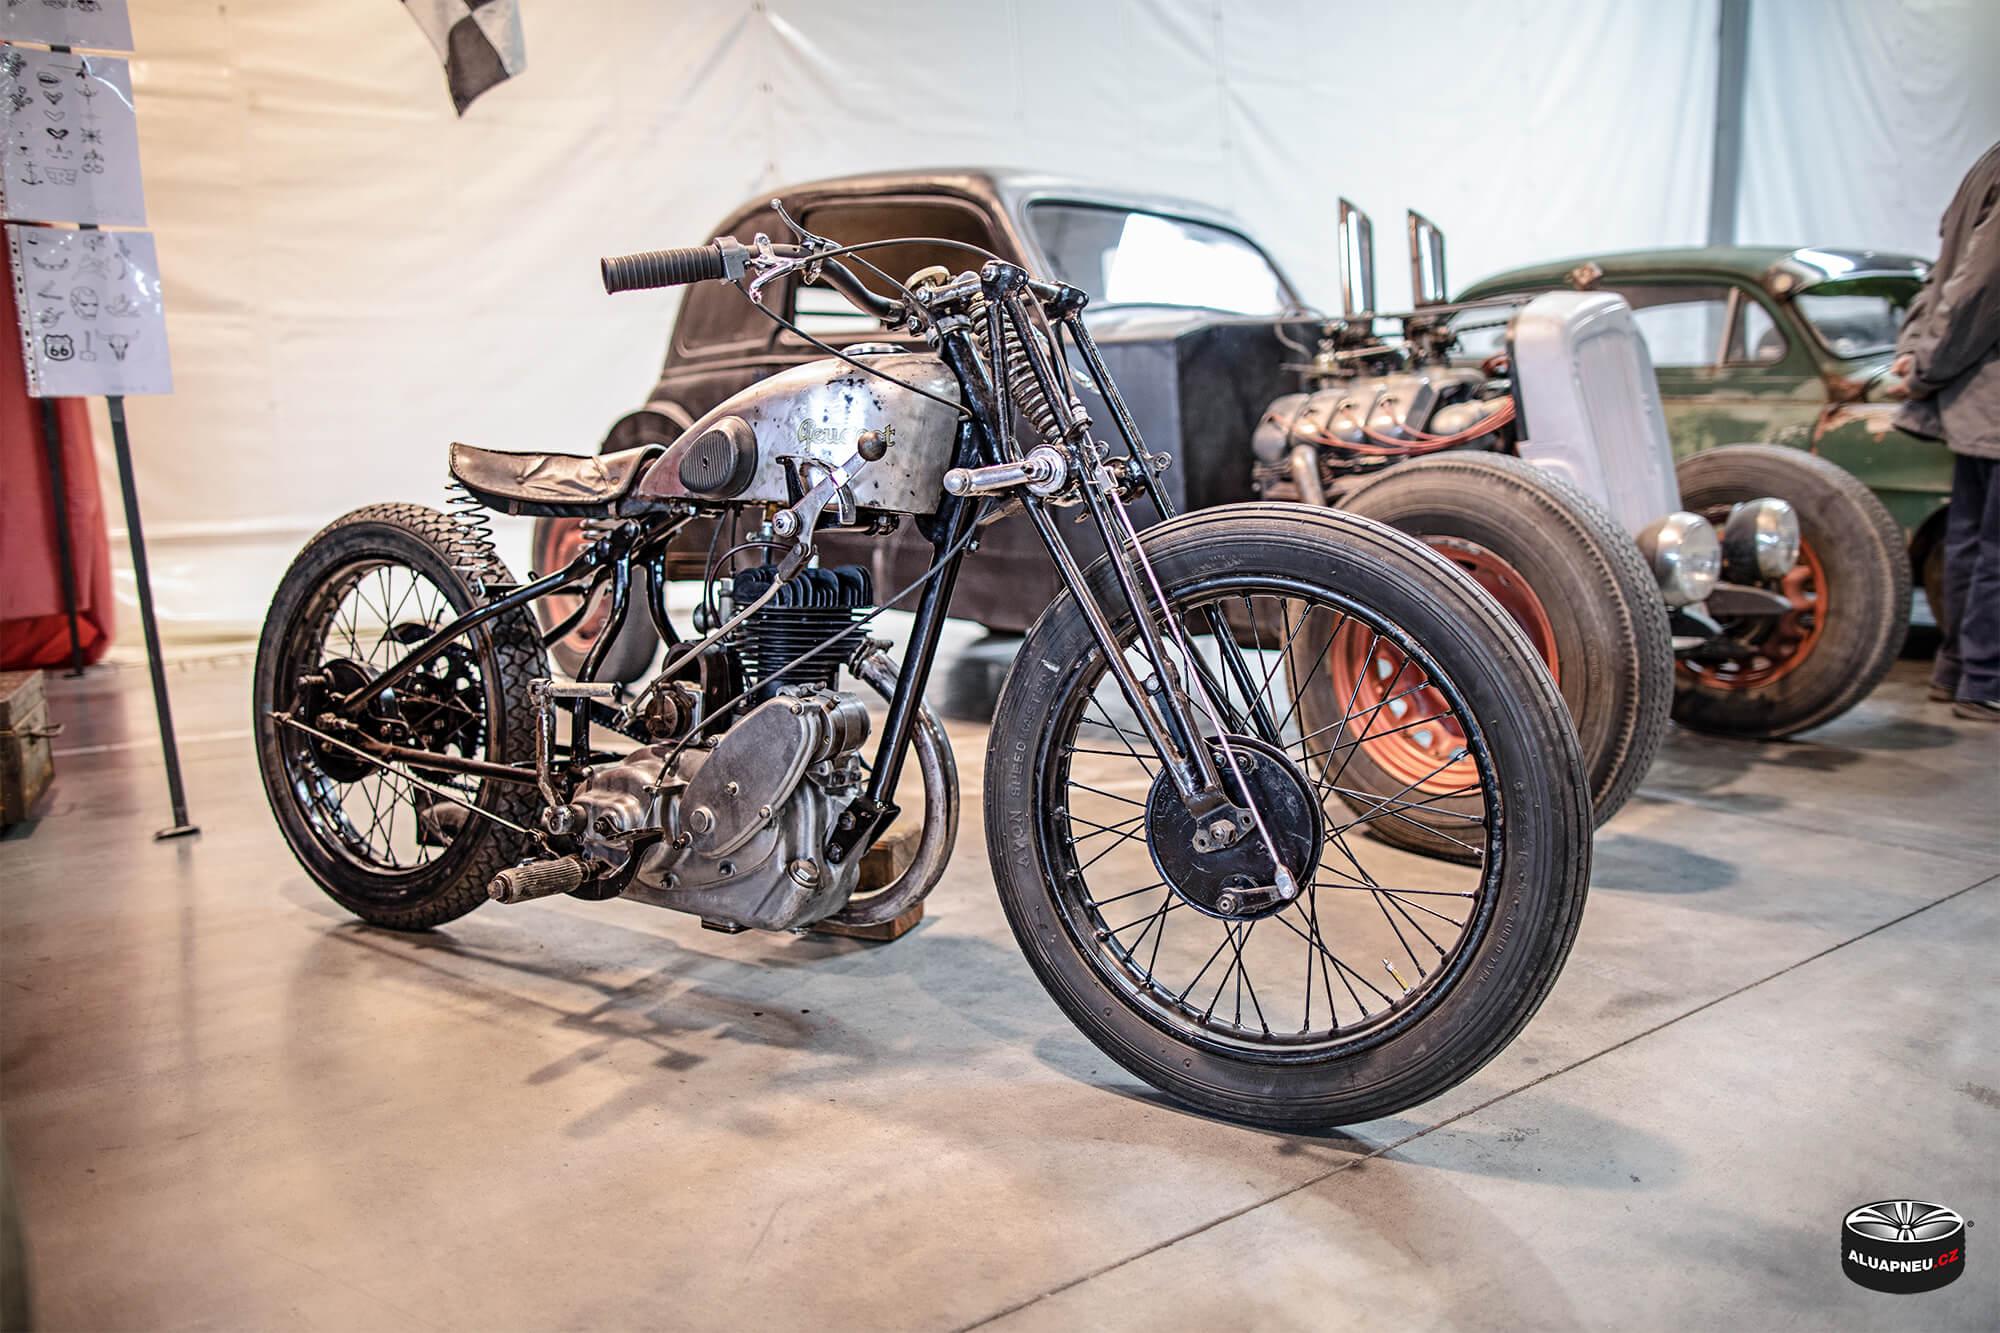 Motorky - Autosalon Praha 2019 - www.aluapneu.cz